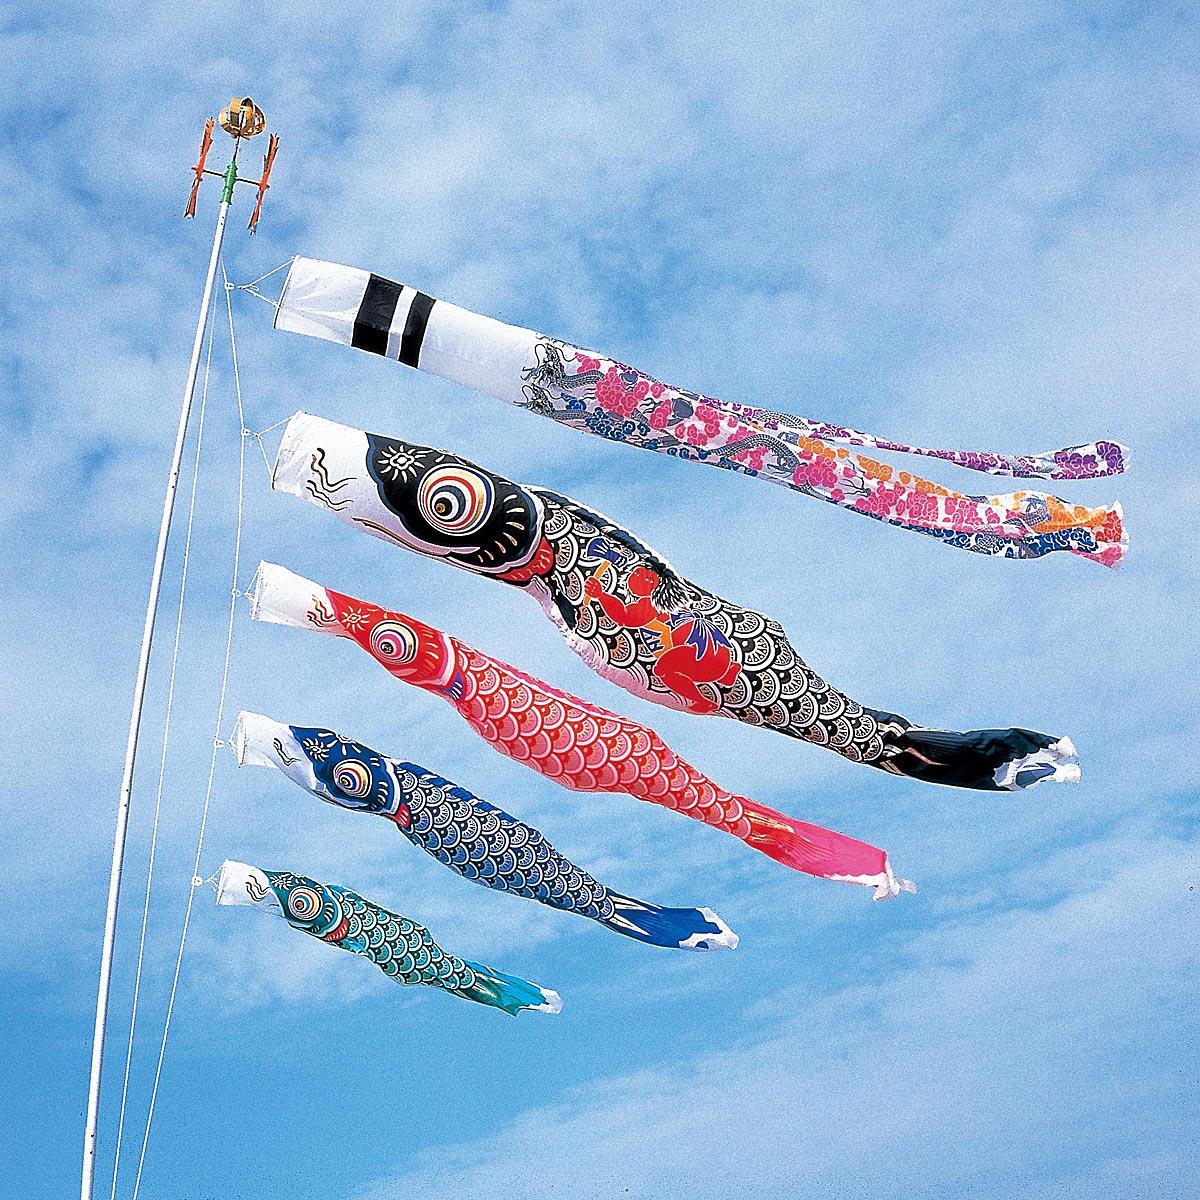 こいのぼり 庭用 スパークル金太郎鯉 4m 7点 (矢車、ロープ、吹流し、鯉4匹) 大型/ポール別売り ダイヤ鯉 KOD-O-734095